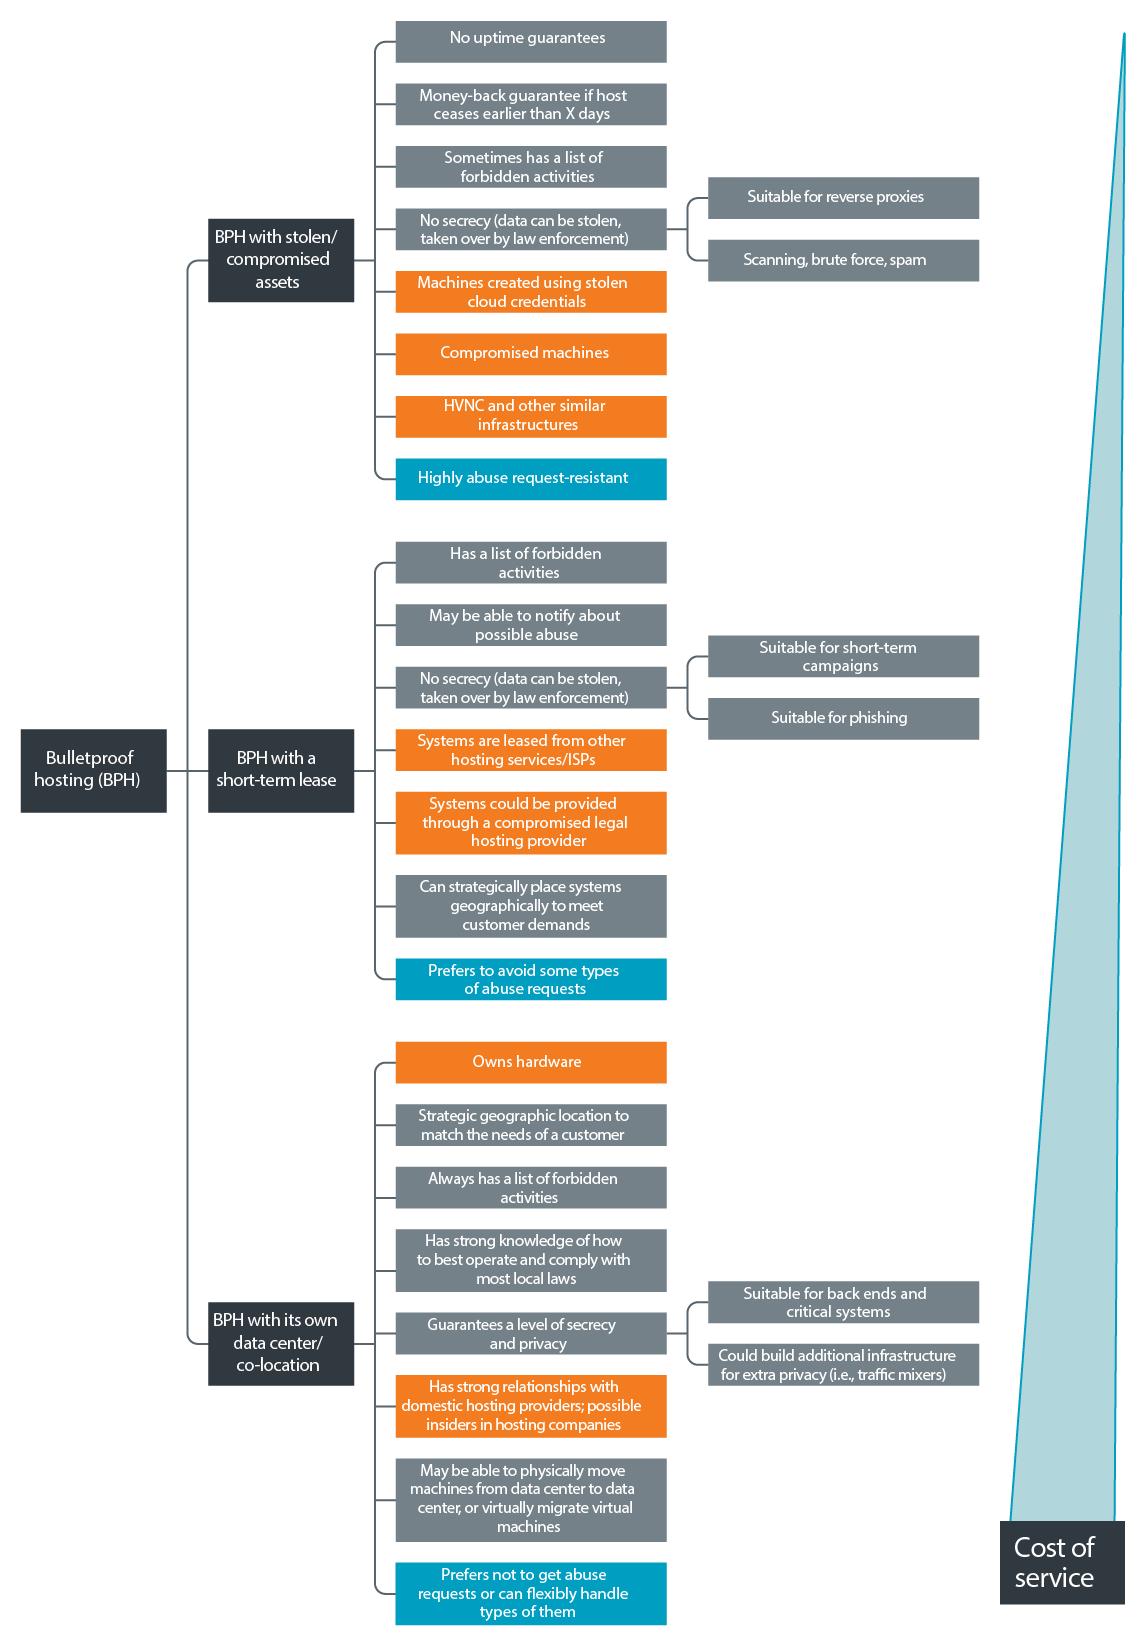 Breakdown of BPH hosting providers